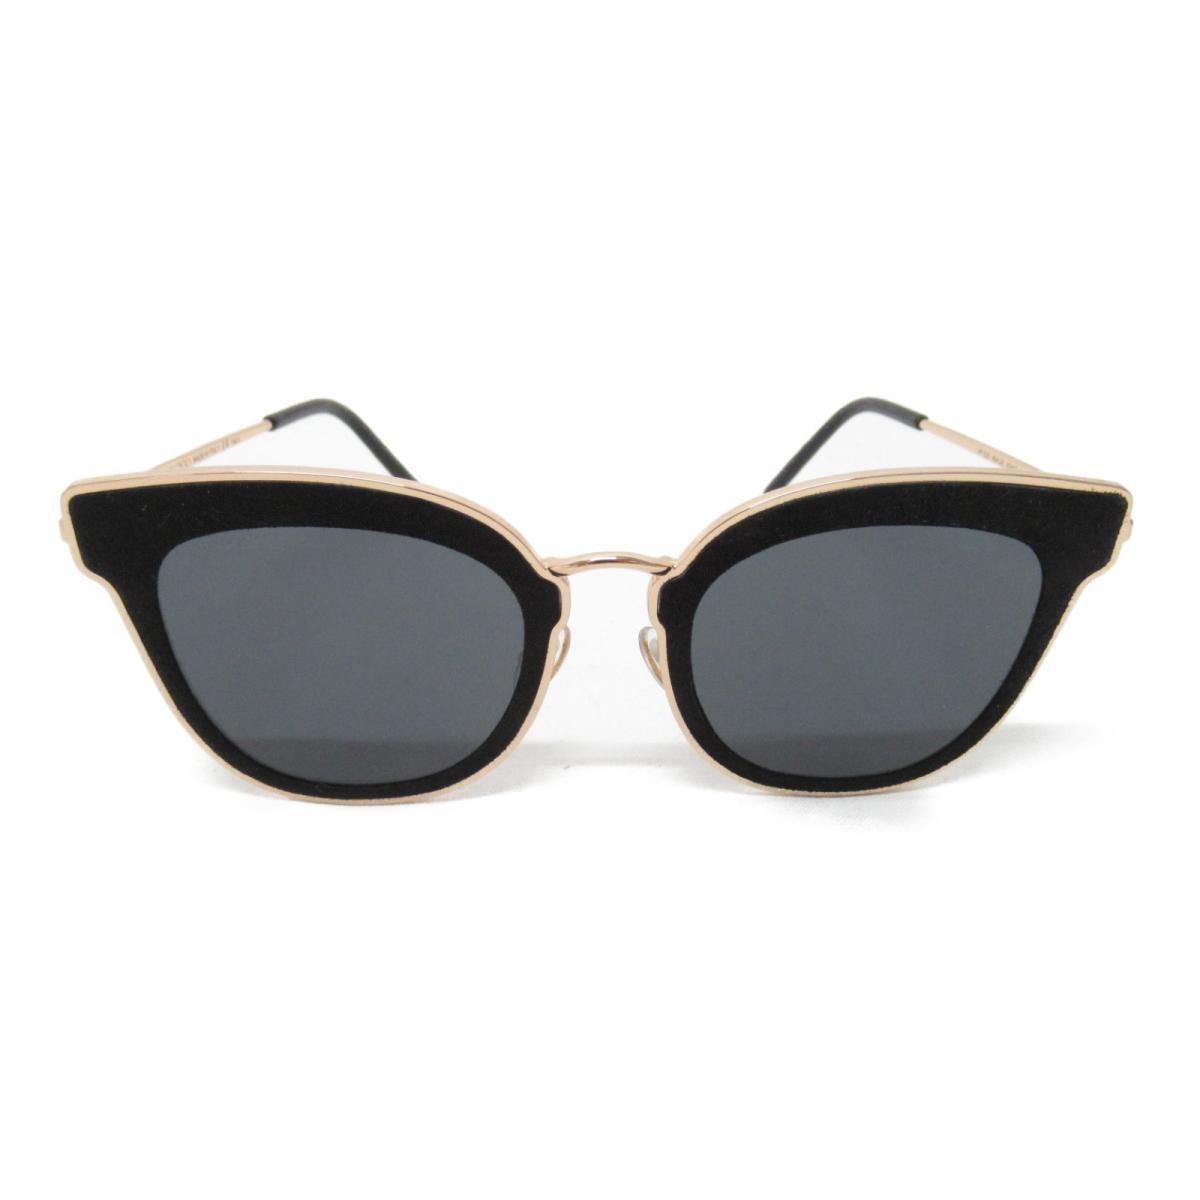 ジミーチュウ サングラス メンズ レディース レンズ;プラスチック フレーム・テンプル:ニッケル合金 ゴールド ブラック グレー (NILE RHL 2K) | JIMMY CHOO BRANDOFF ブランドオフ ブランド 眼鏡 メガネ めがね